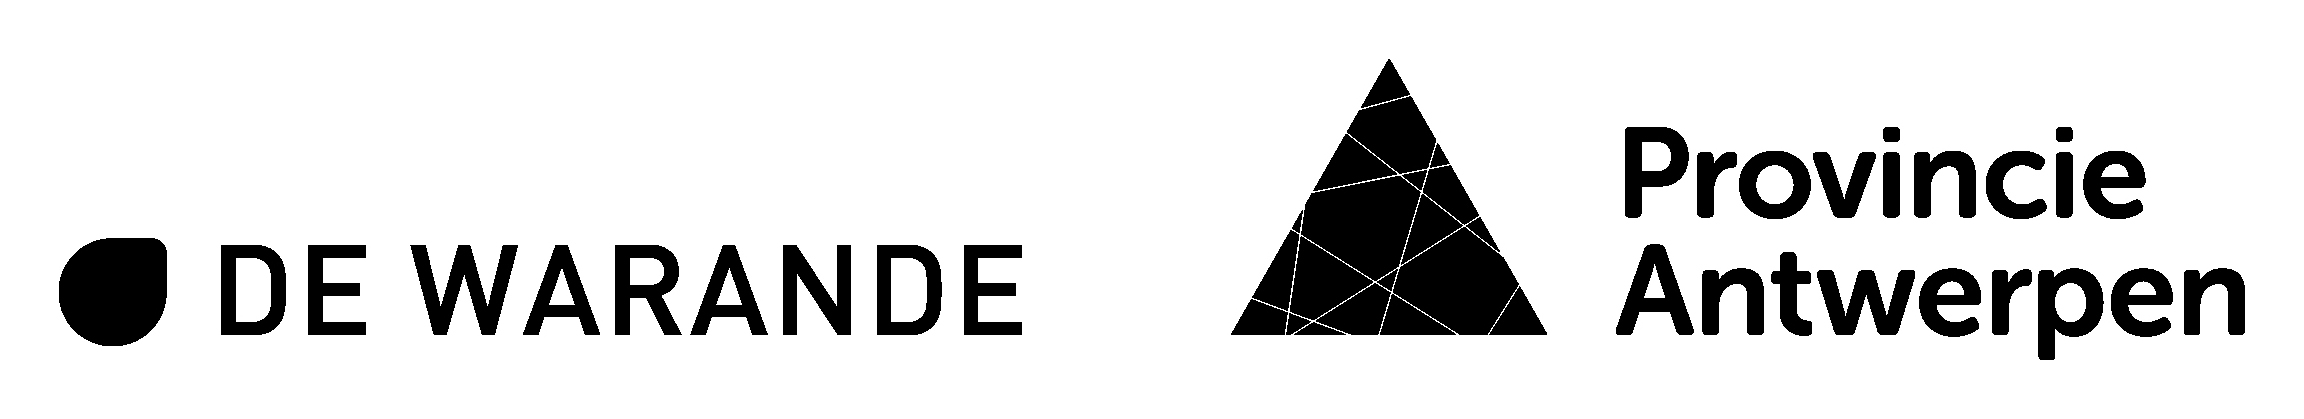 logo warande provincie